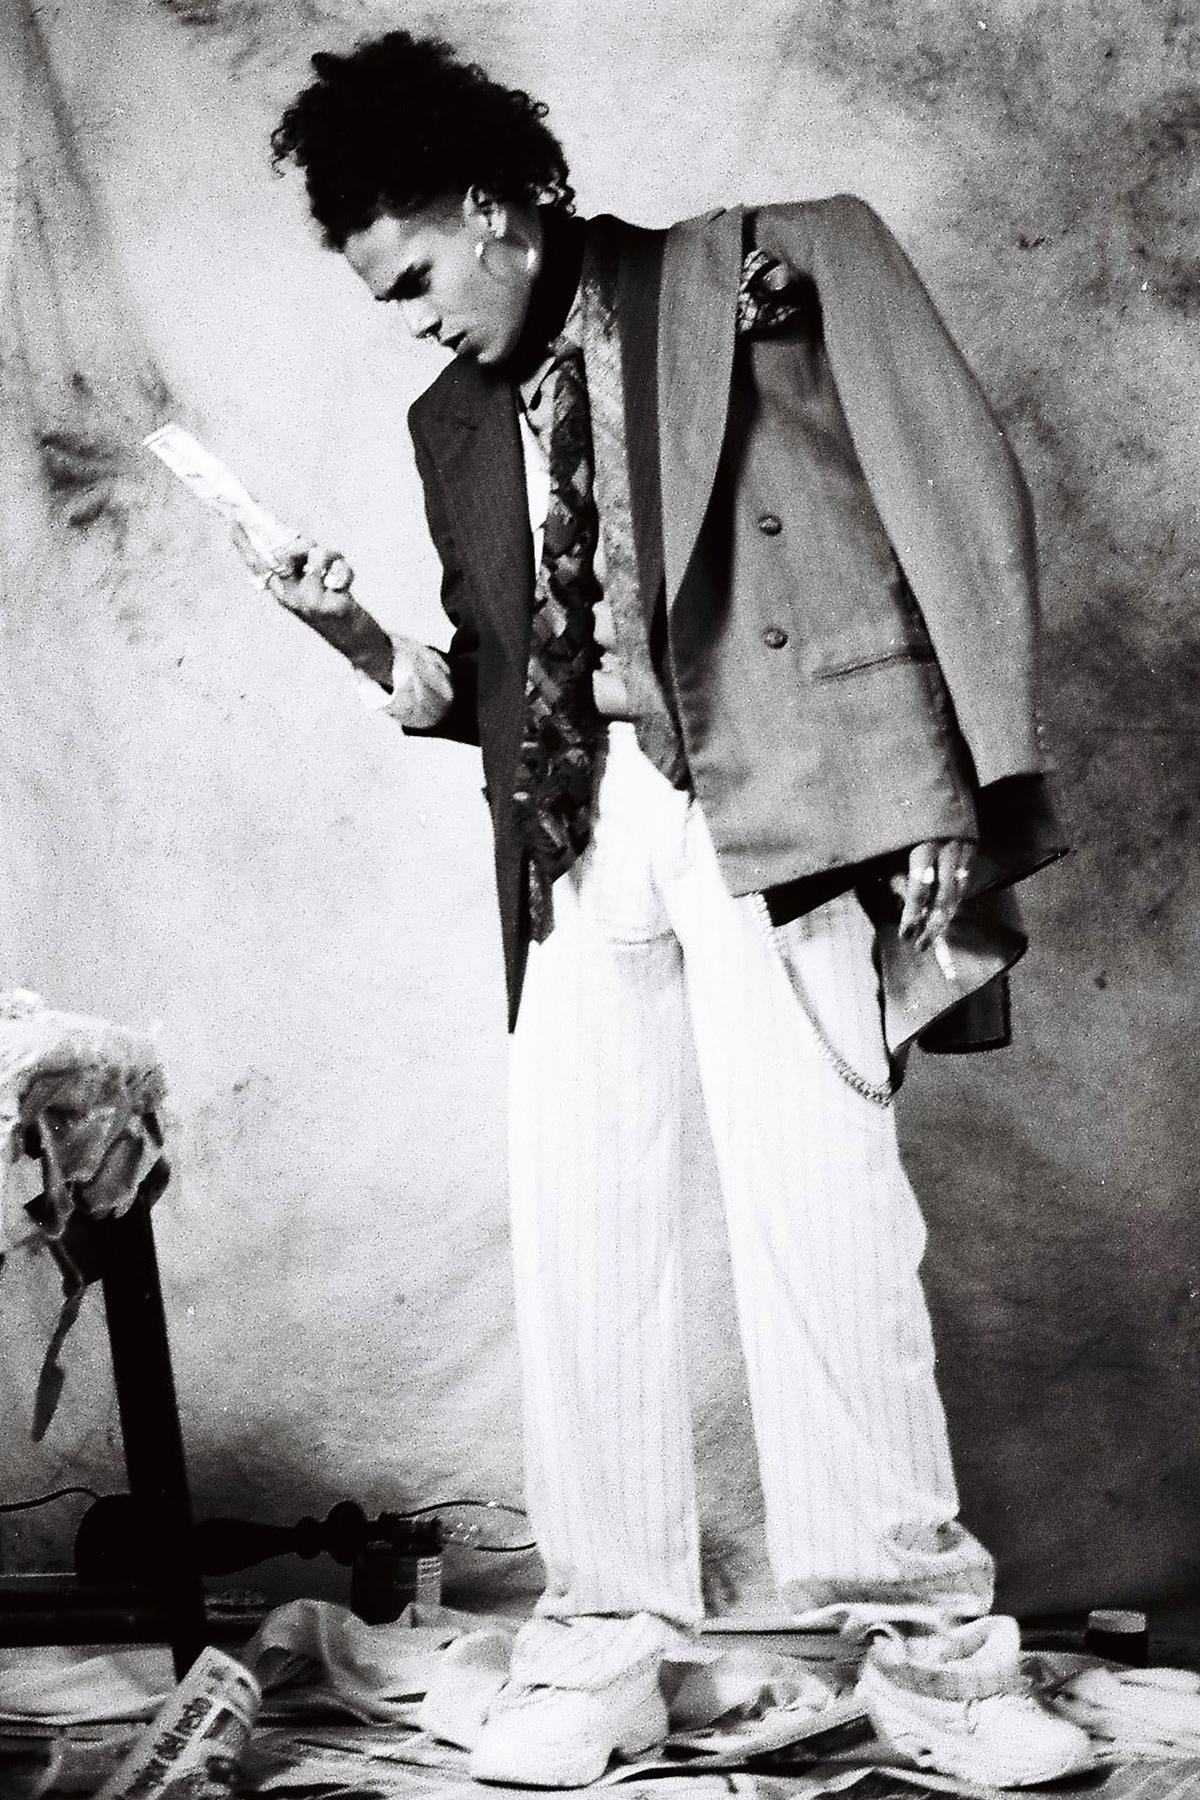 Pantalones  Tacky Terror , tenis  ZARA  saco, chaleco, camisa, corbata y joyería de las coordinadoras de moda.